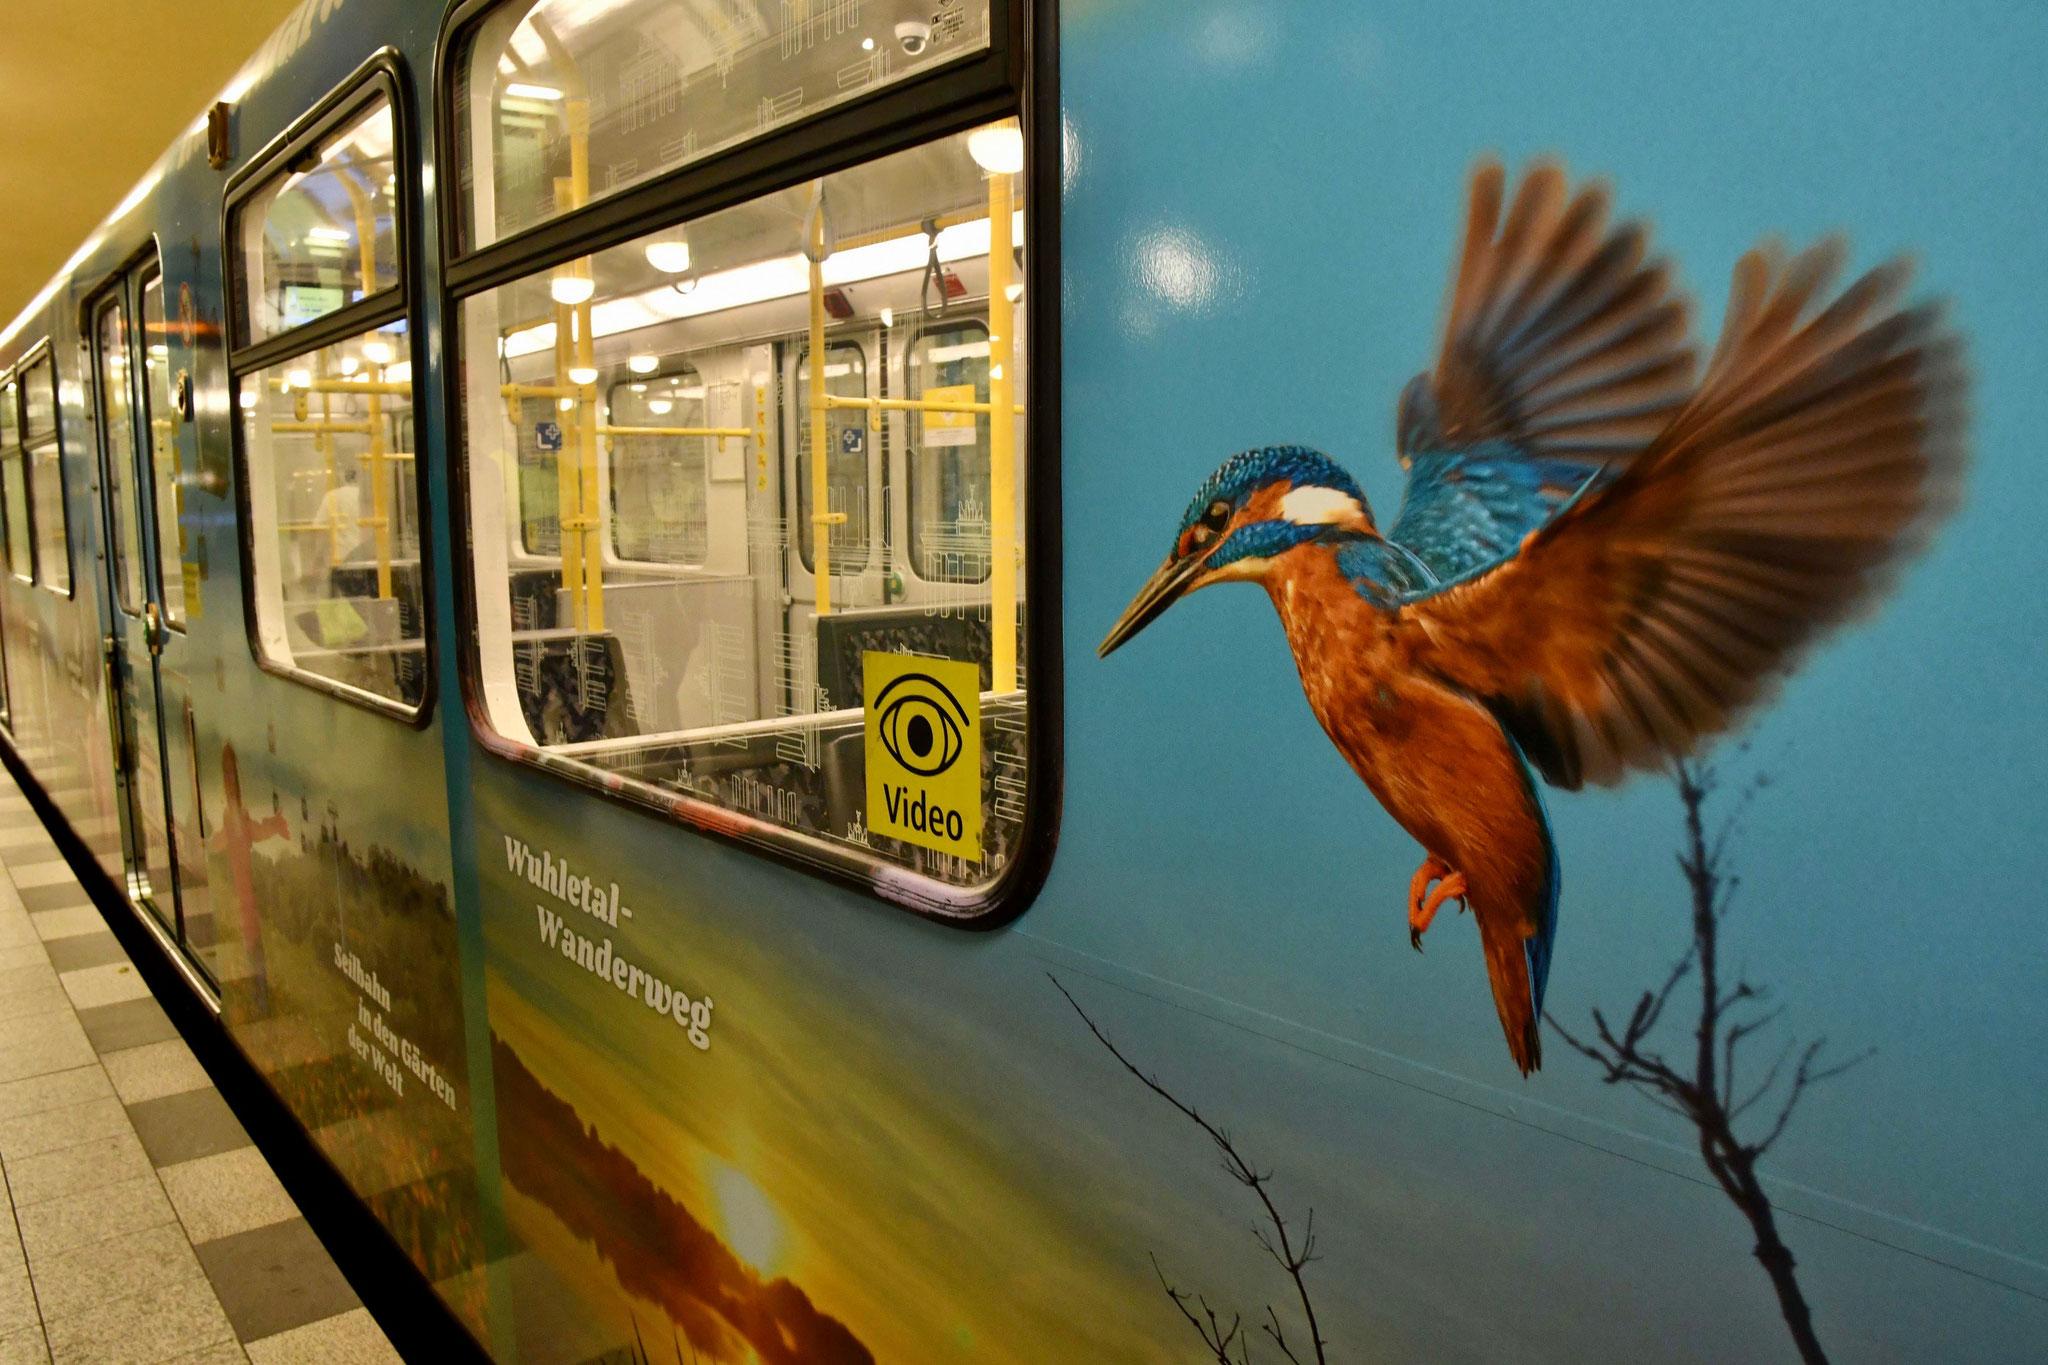 Die U-Bahn macht Werbung für den Wuhletal-Wanderweg, die Gärten der Welt, den Skywalk, den Dorfanger Marzahn und viele andere Highlights im Bezirk. © pressefoto-uhlemann.de